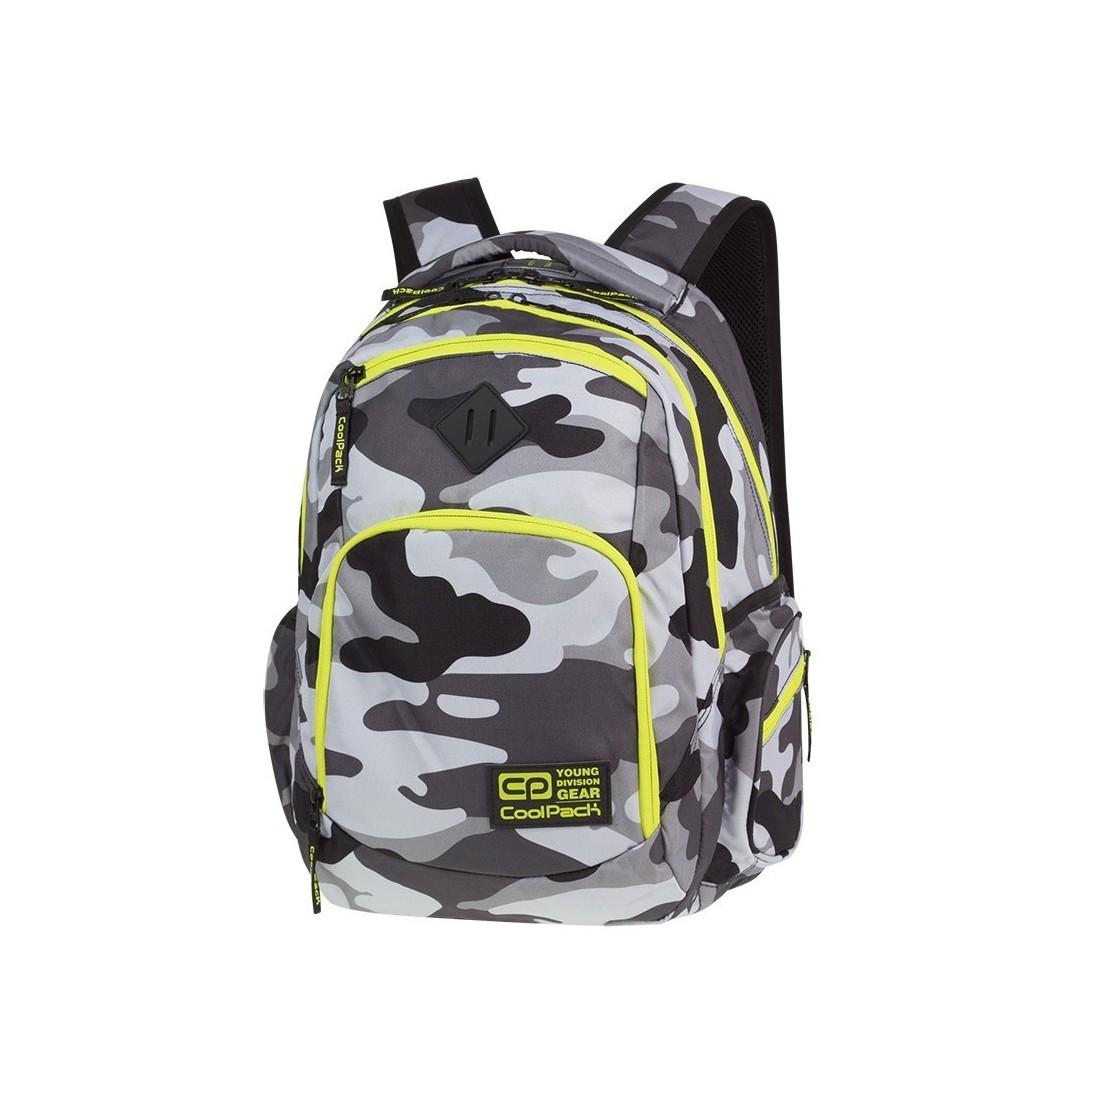 miło tanio sprzedawca detaliczny 100% najwyższej jakości Plecak szkolny COOLPACK CP BREAK CAMO YELLOW NEON szare moro żółty neon -  A365